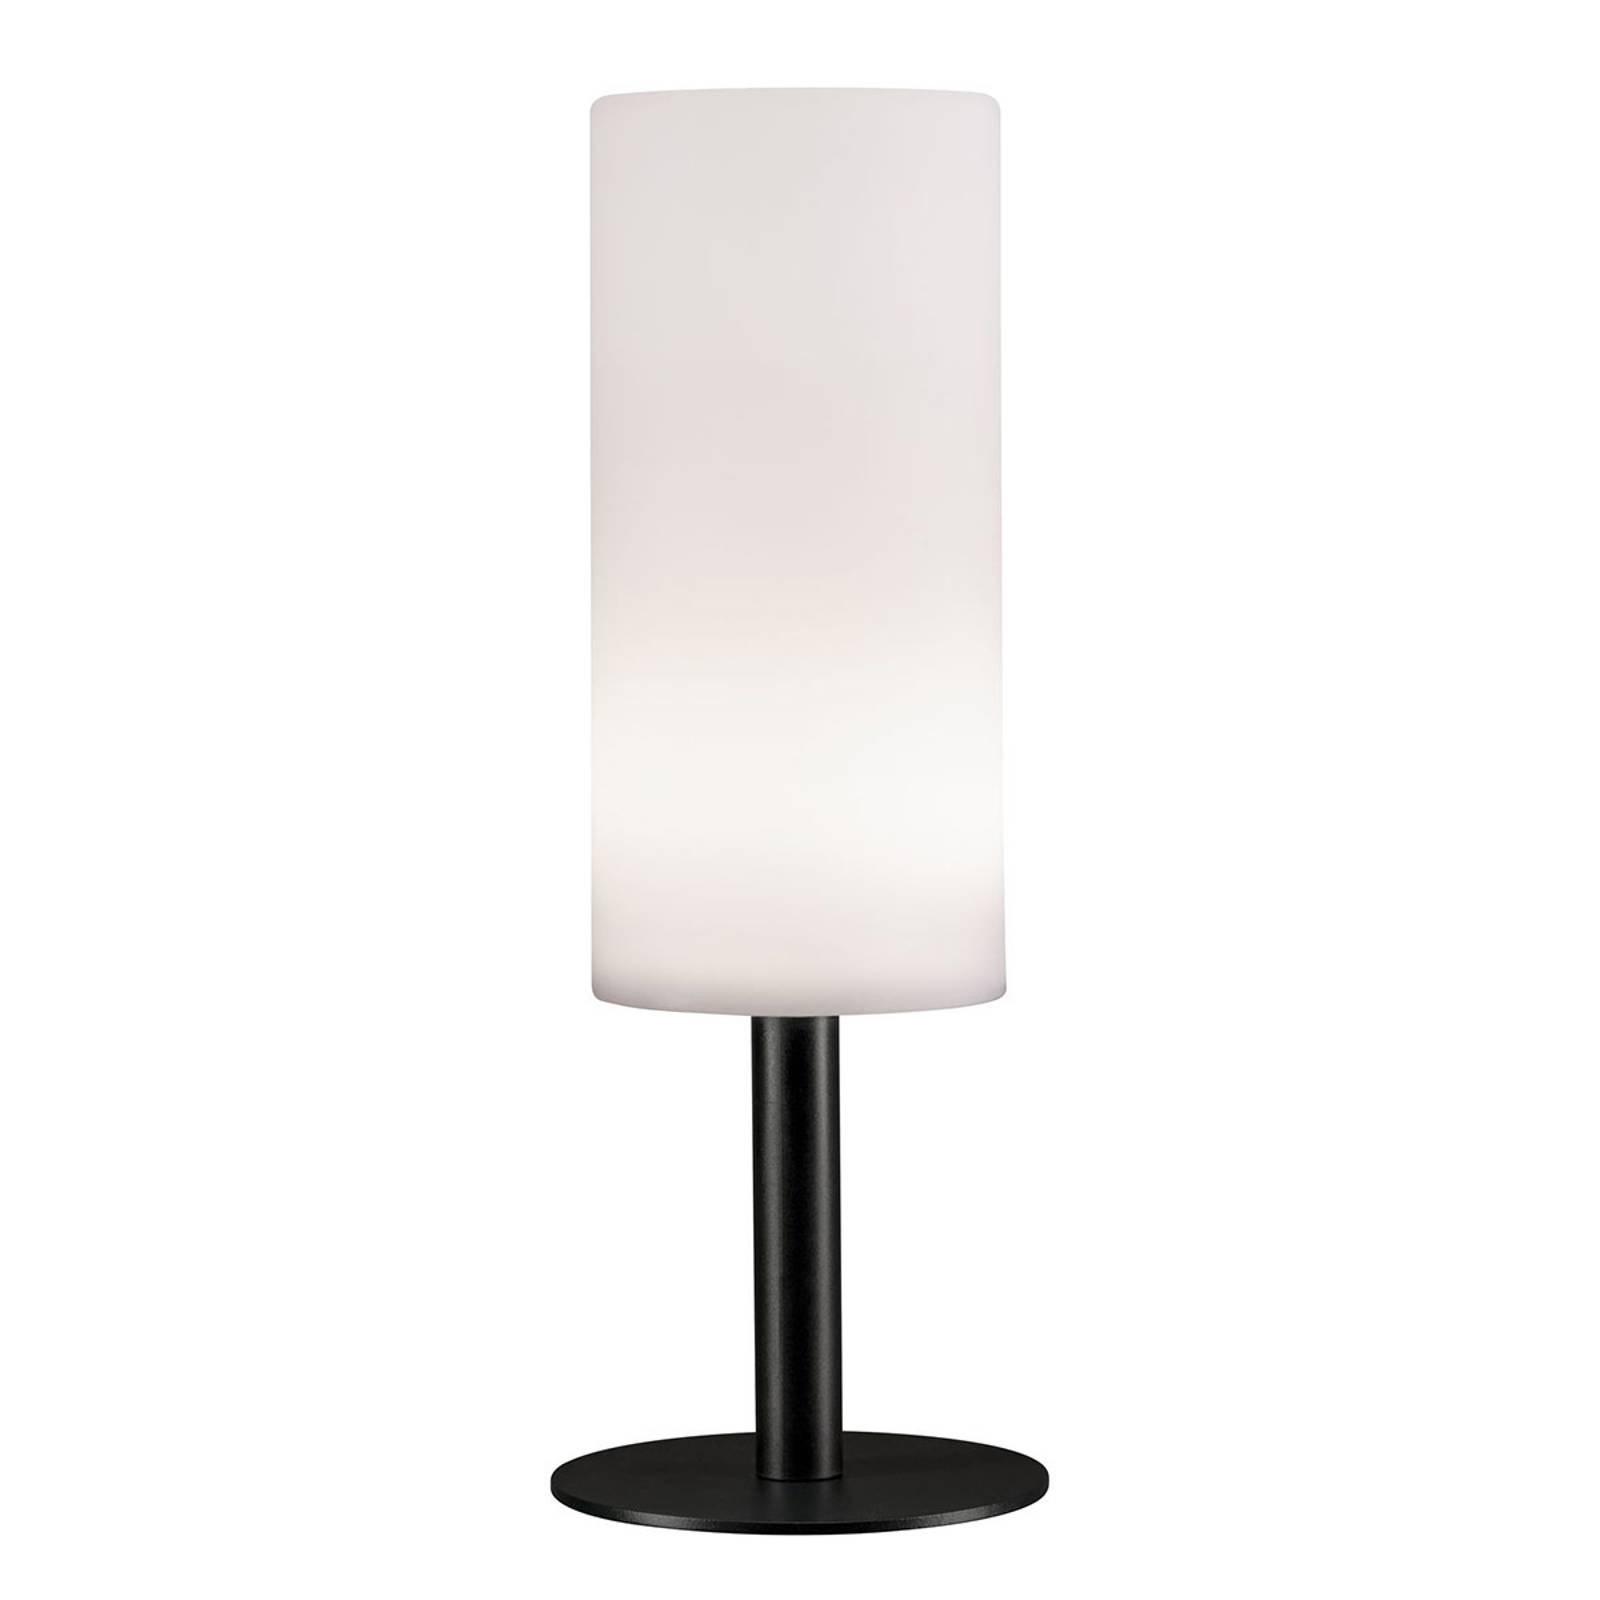 Paulmann Mobile bordlampe Pipe med batteri